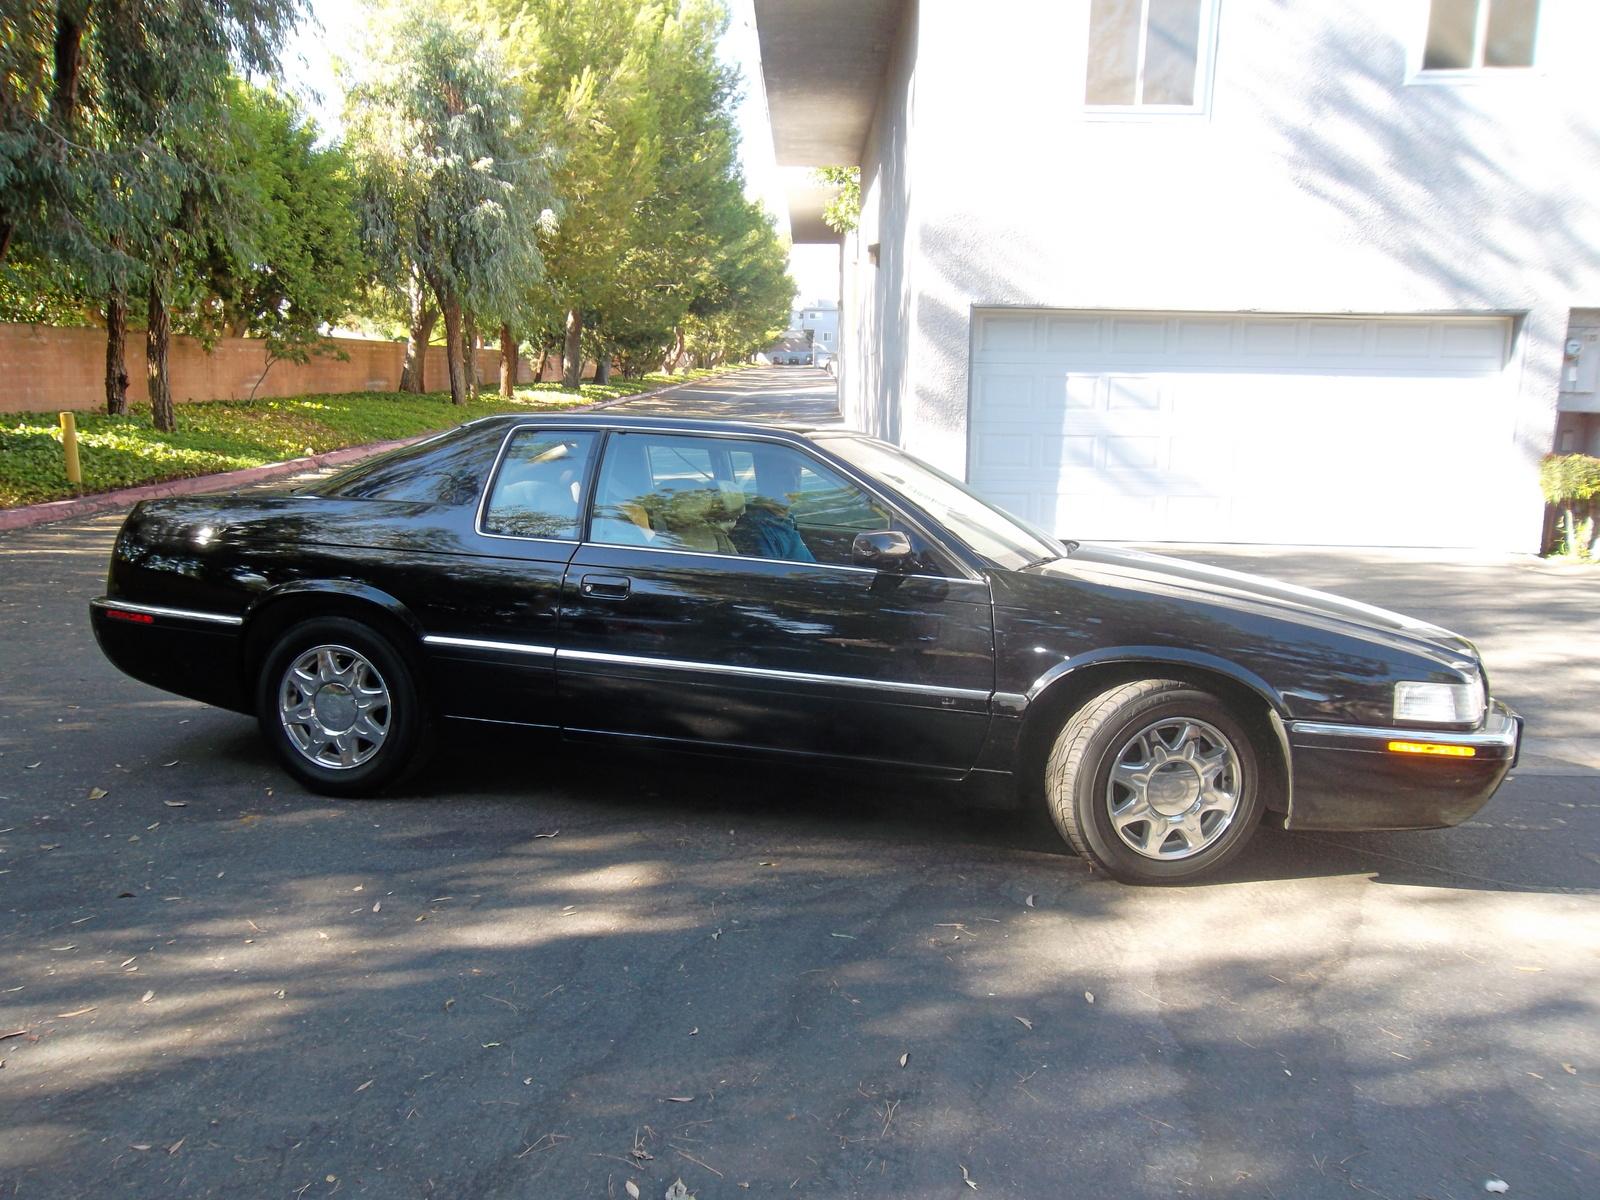 1998 Cadillac Eldorado Coupe - Prices & Reviews